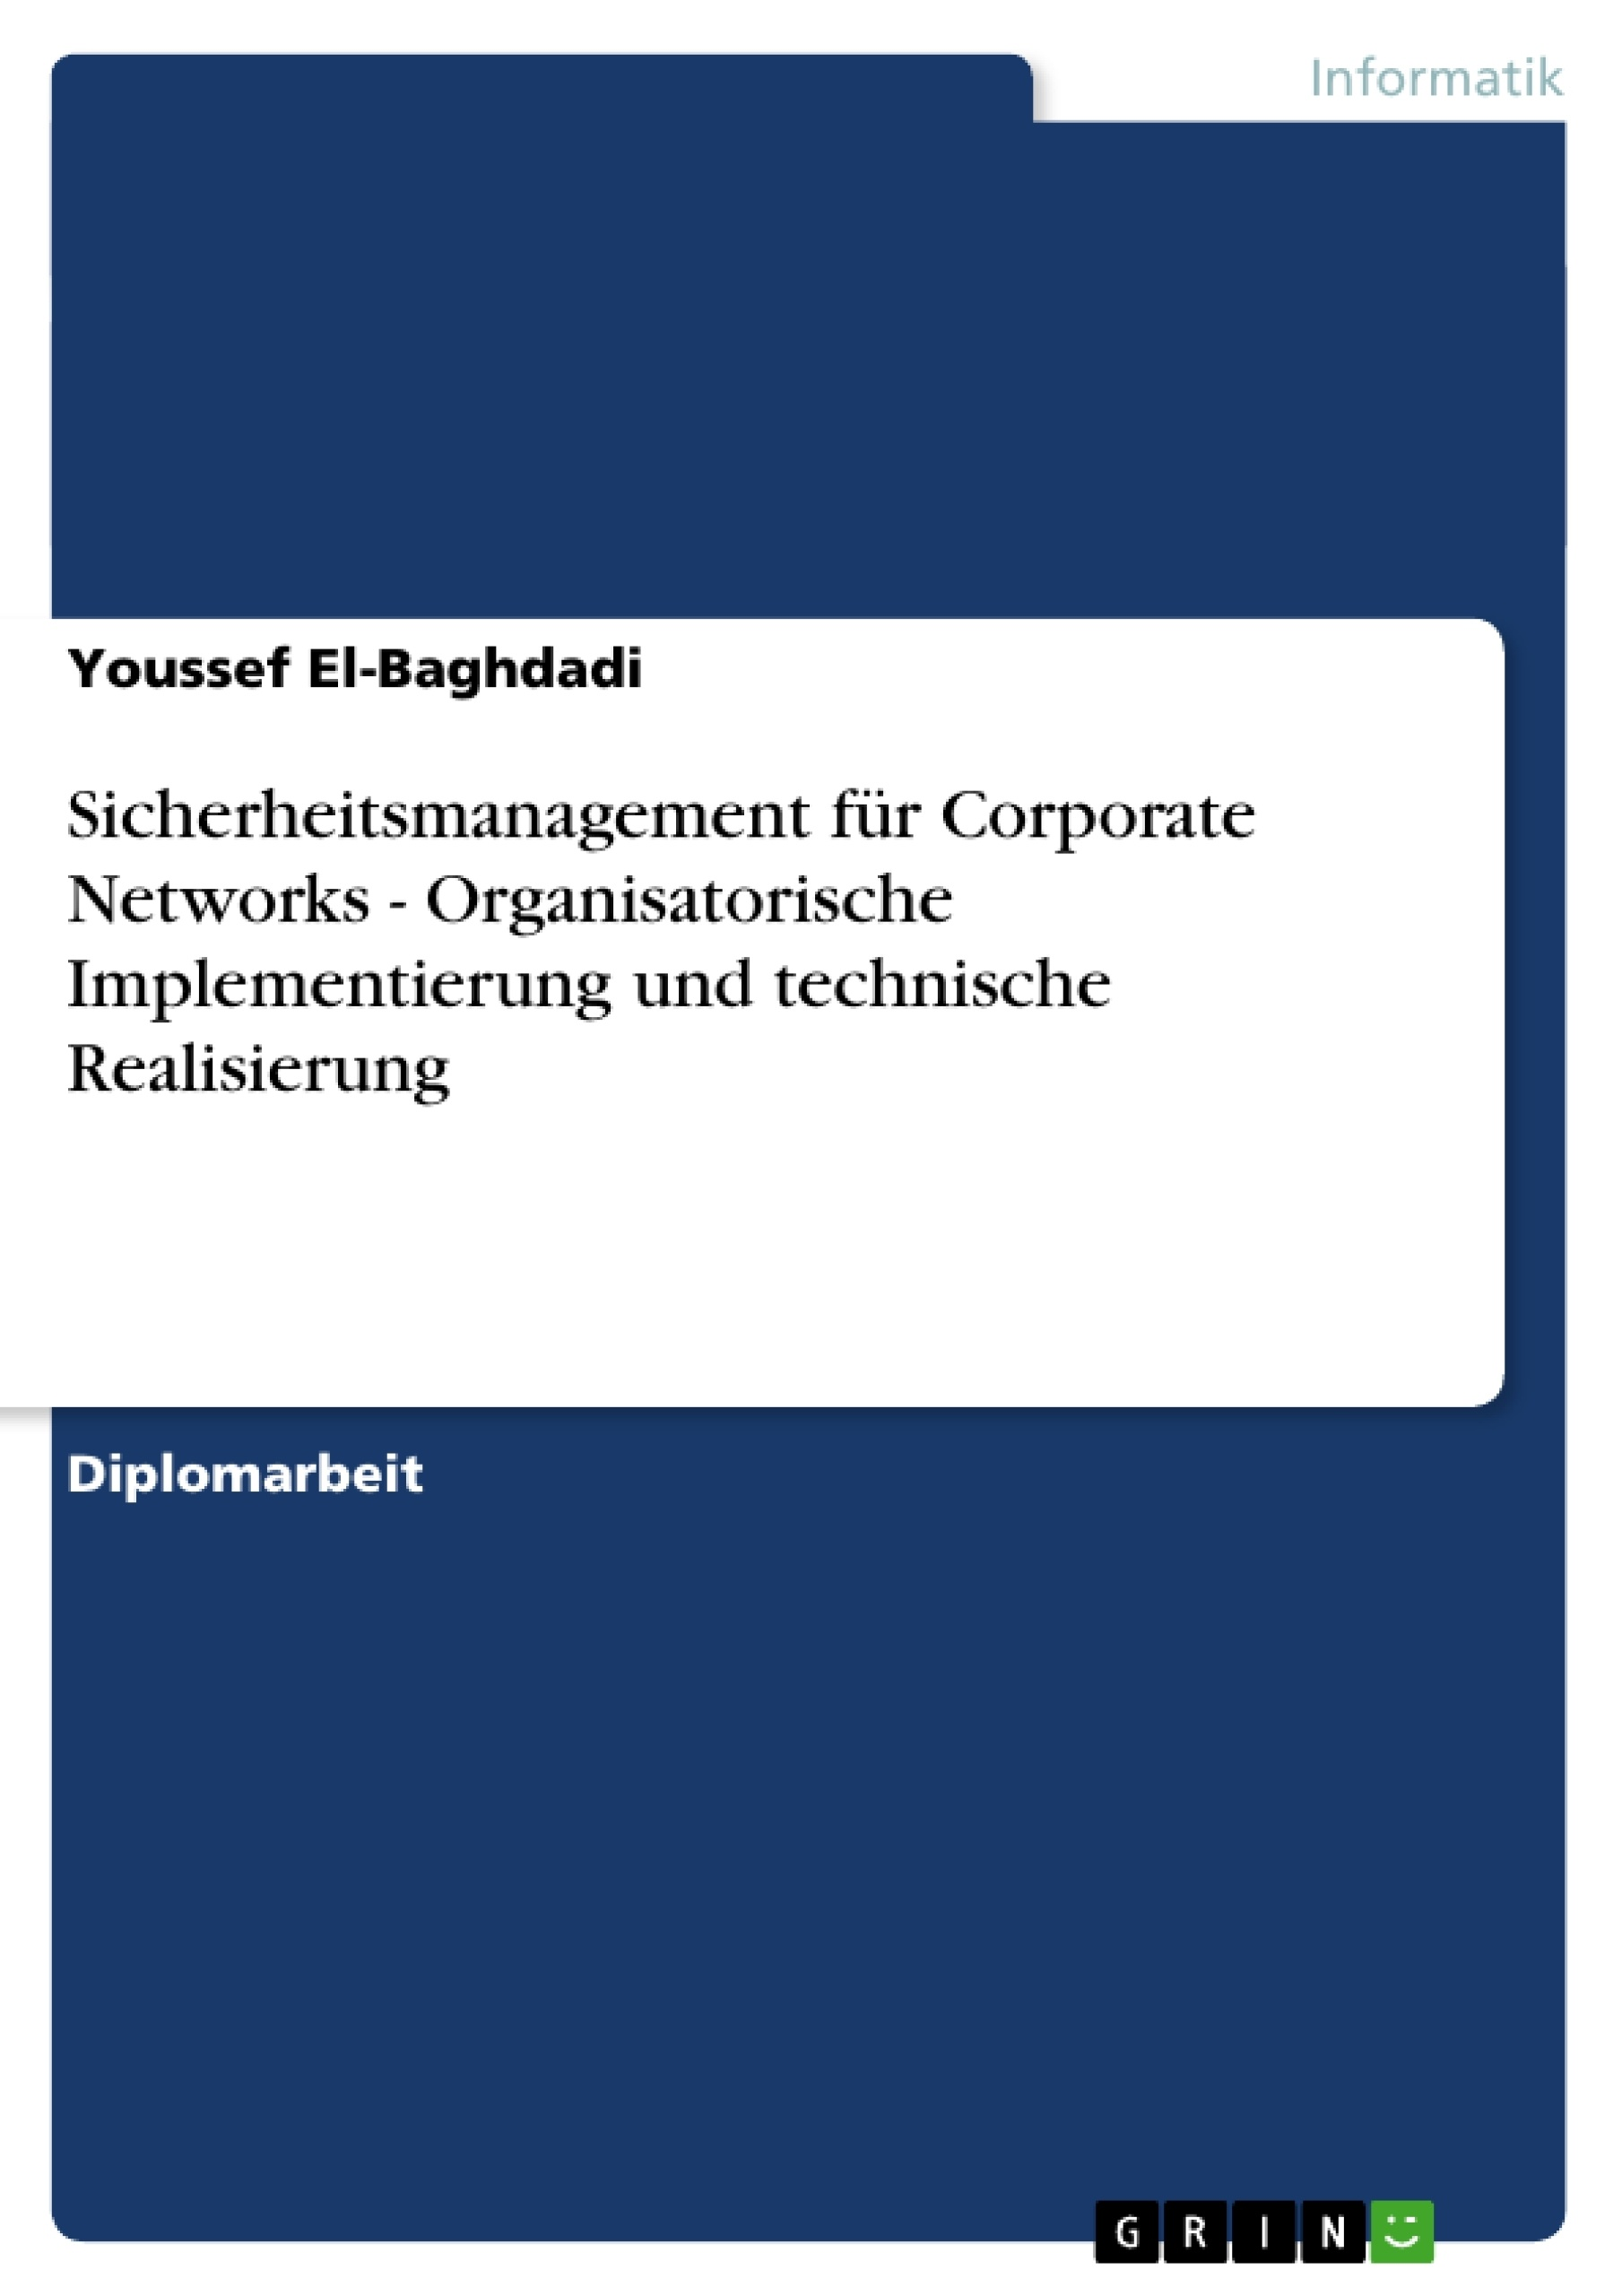 Titel: Sicherheitsmanagement für Corporate Networks - Organisatorische Implementierung und technische Realisierung